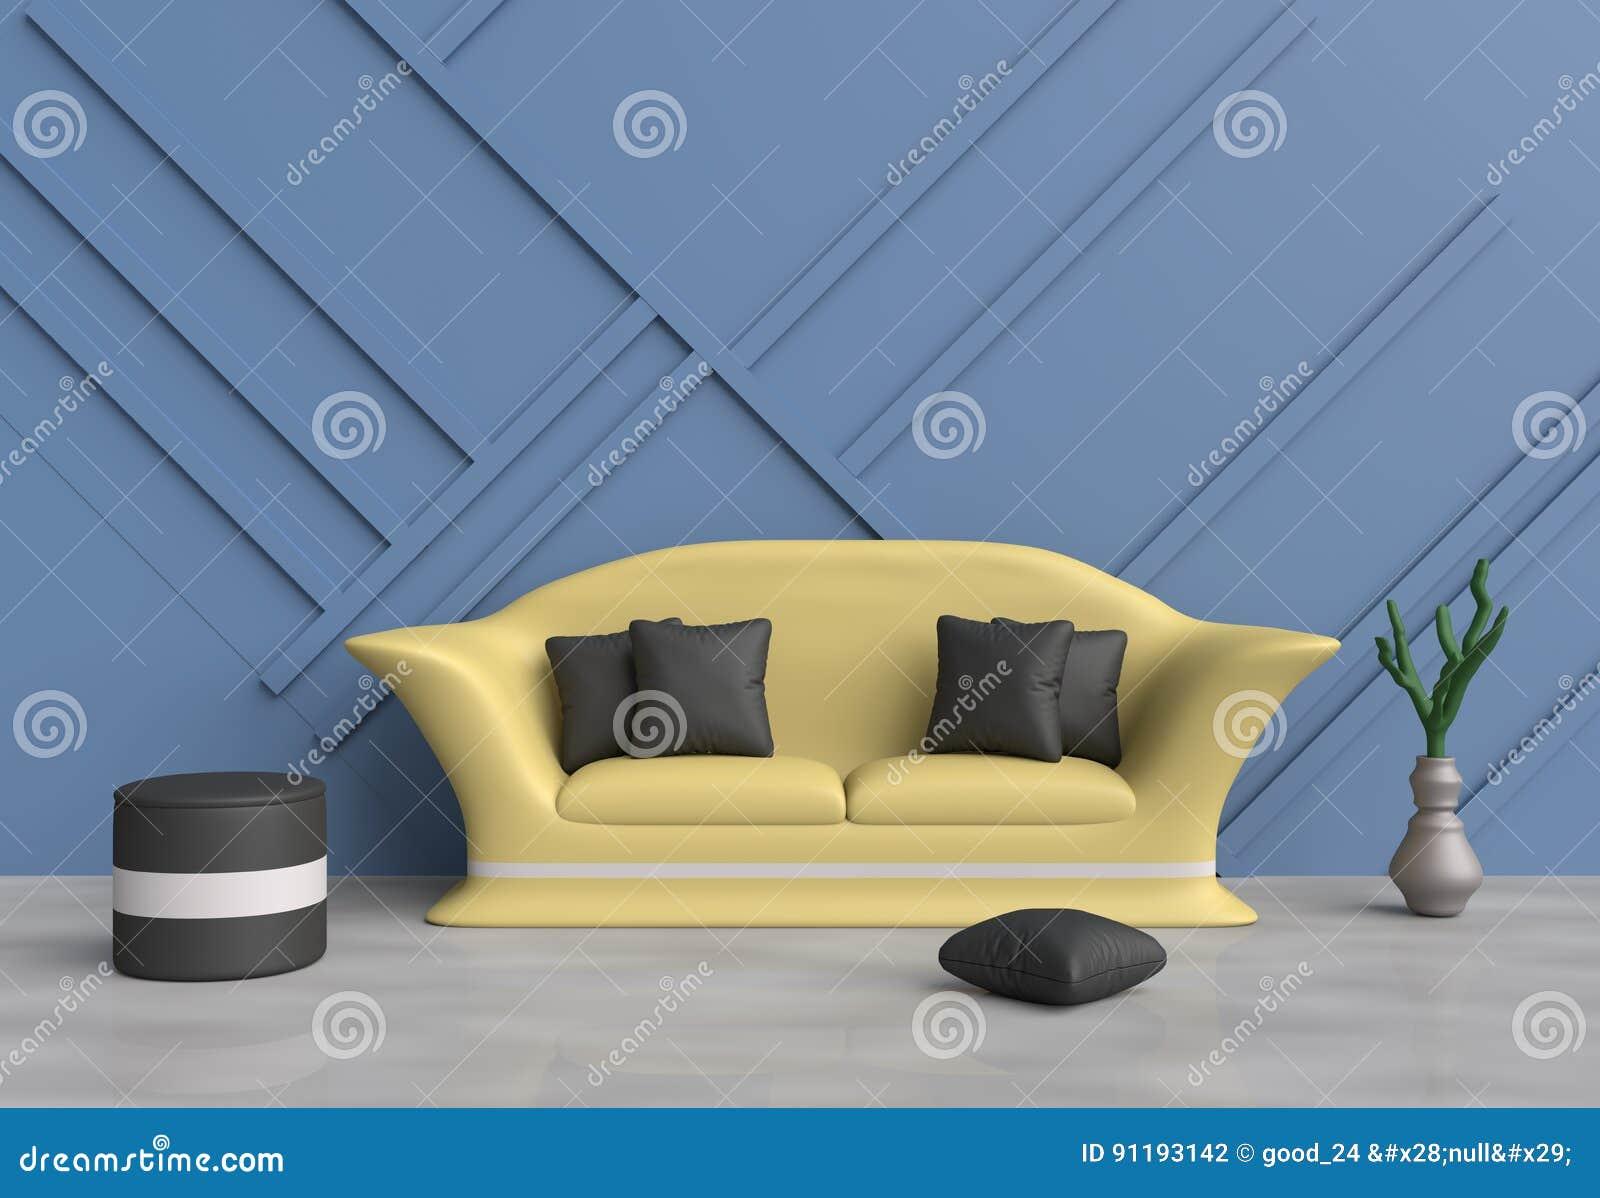 Koraalkleur De Woonkamer : De grijze woonkamer is verfraaide gele bank blauwe hoofdkussens